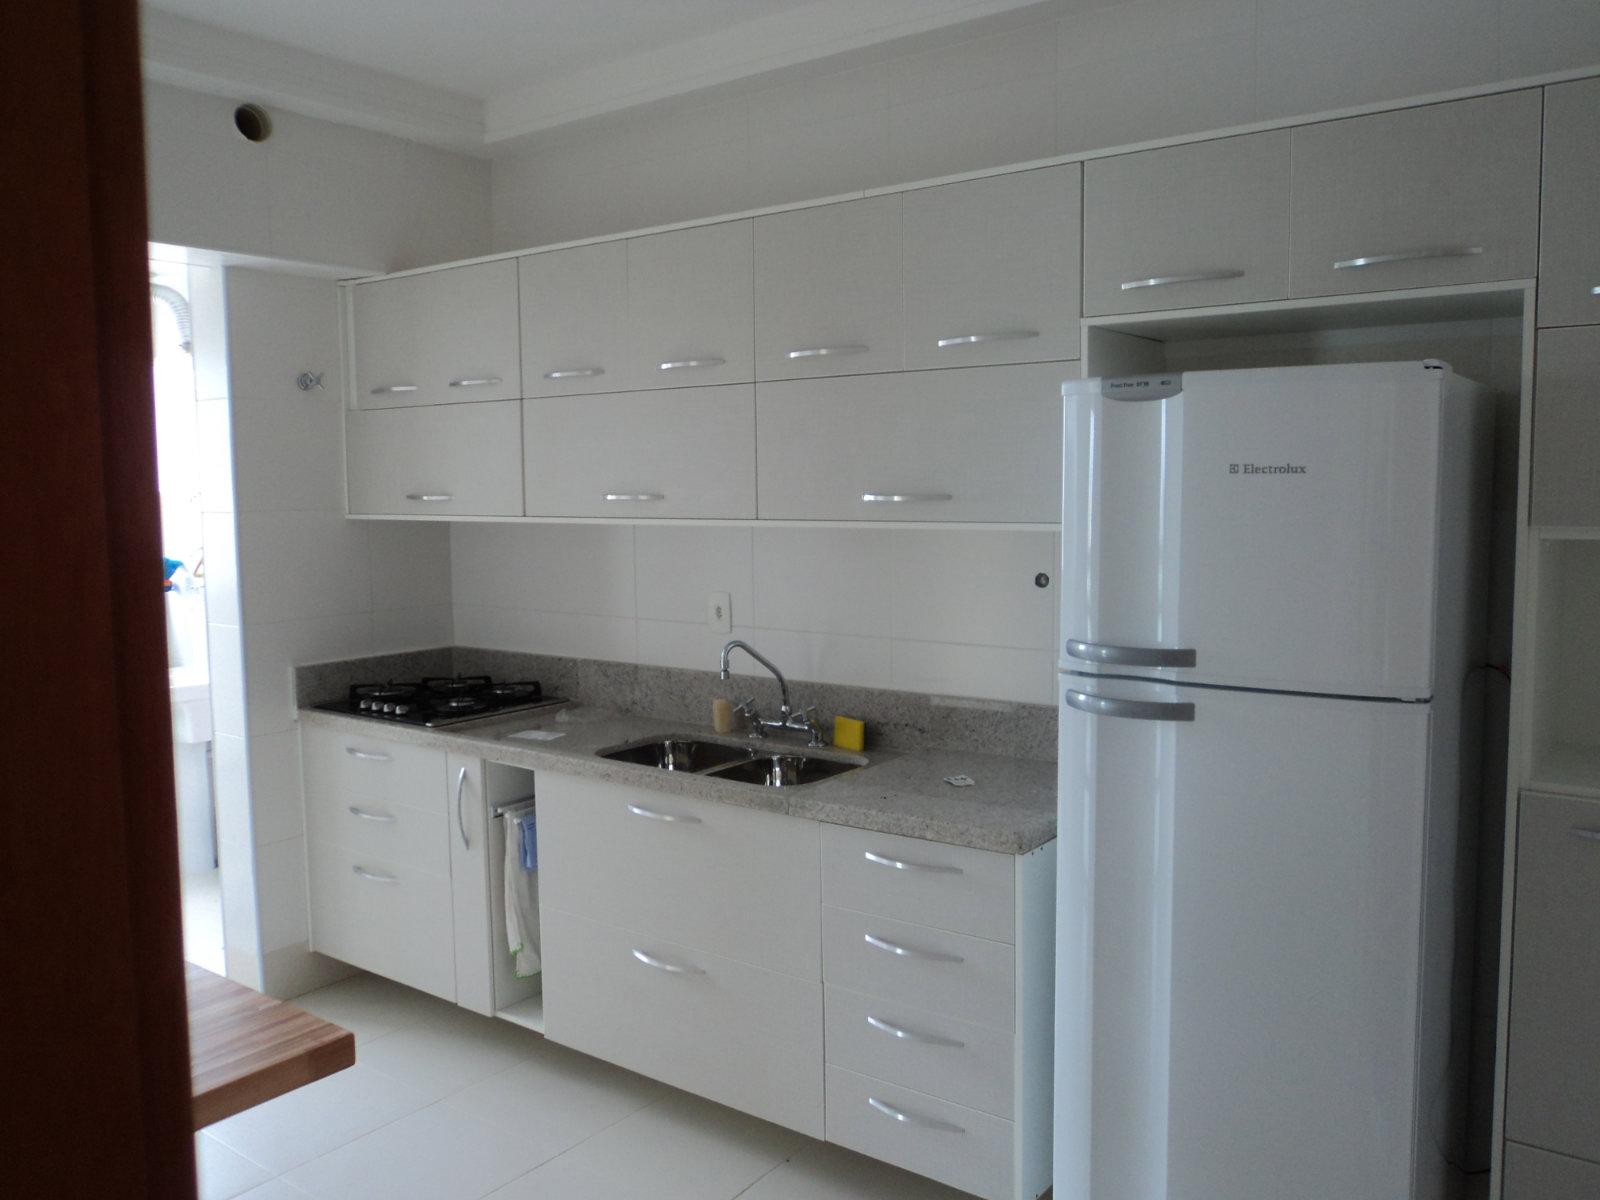 Gabinete da pia com corrediças telescópicas porta óleo e porta  #526779 1600 1200